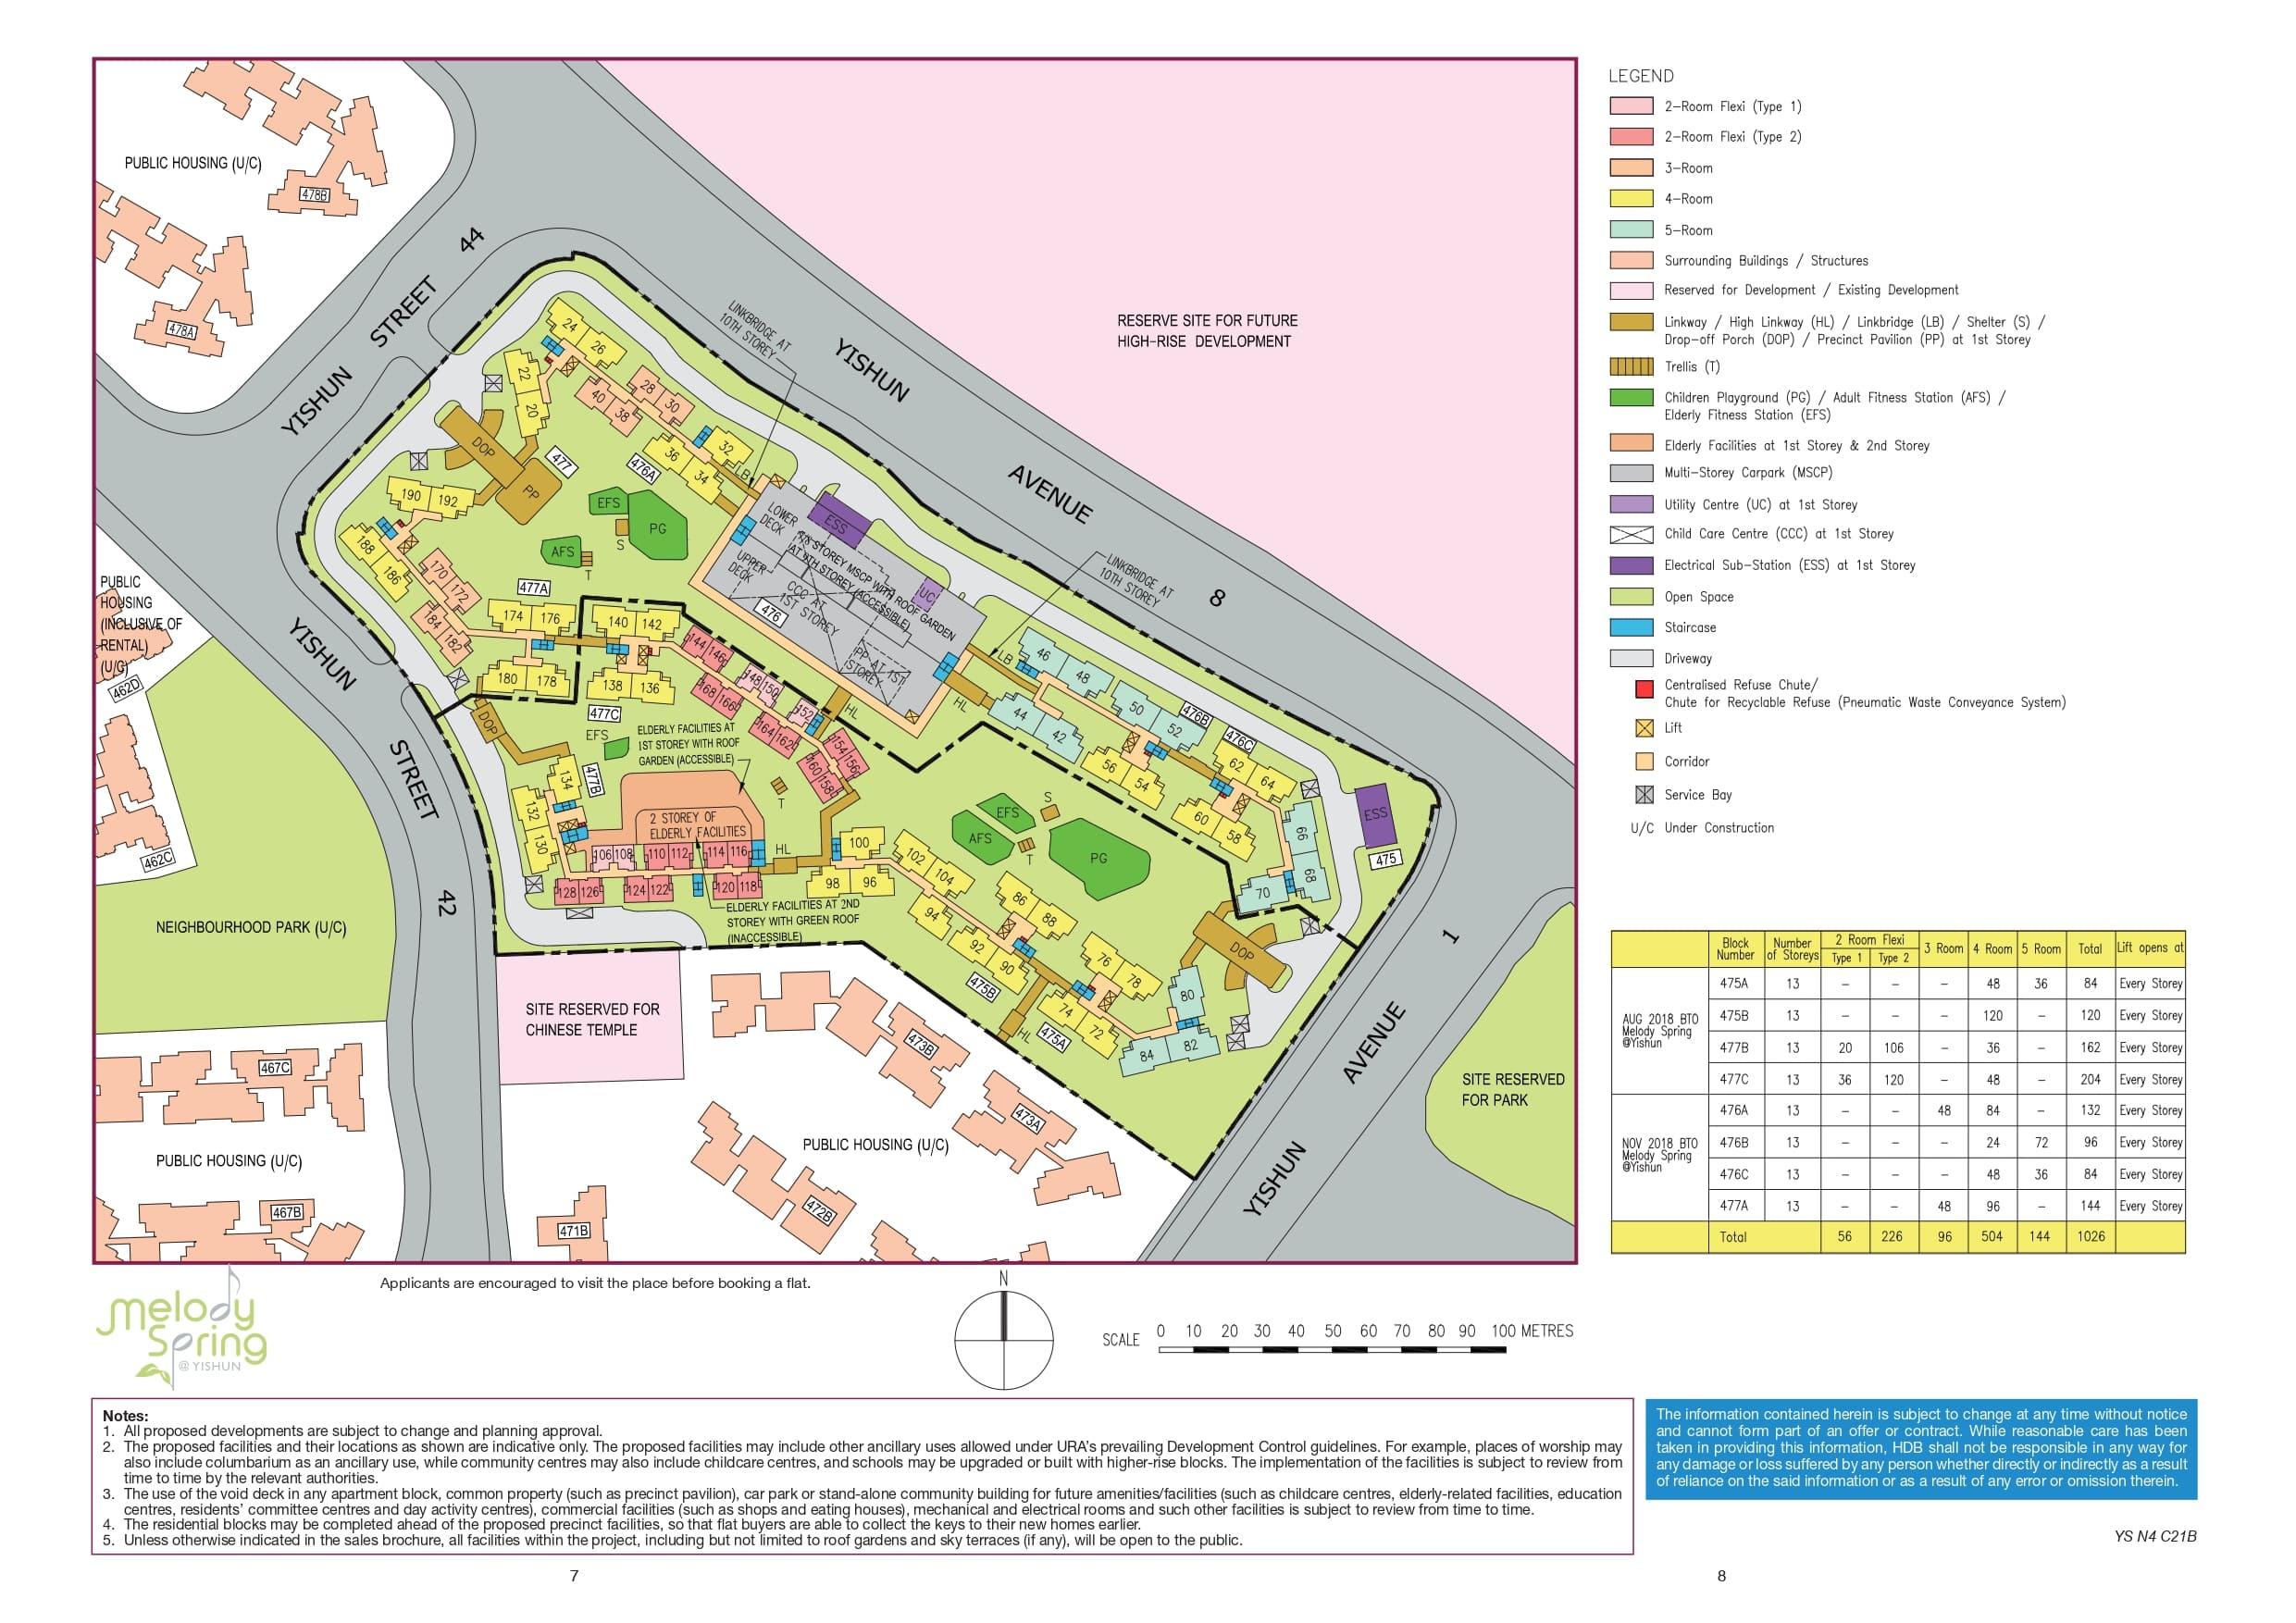 Melody Spring @ Yishun Site Plan